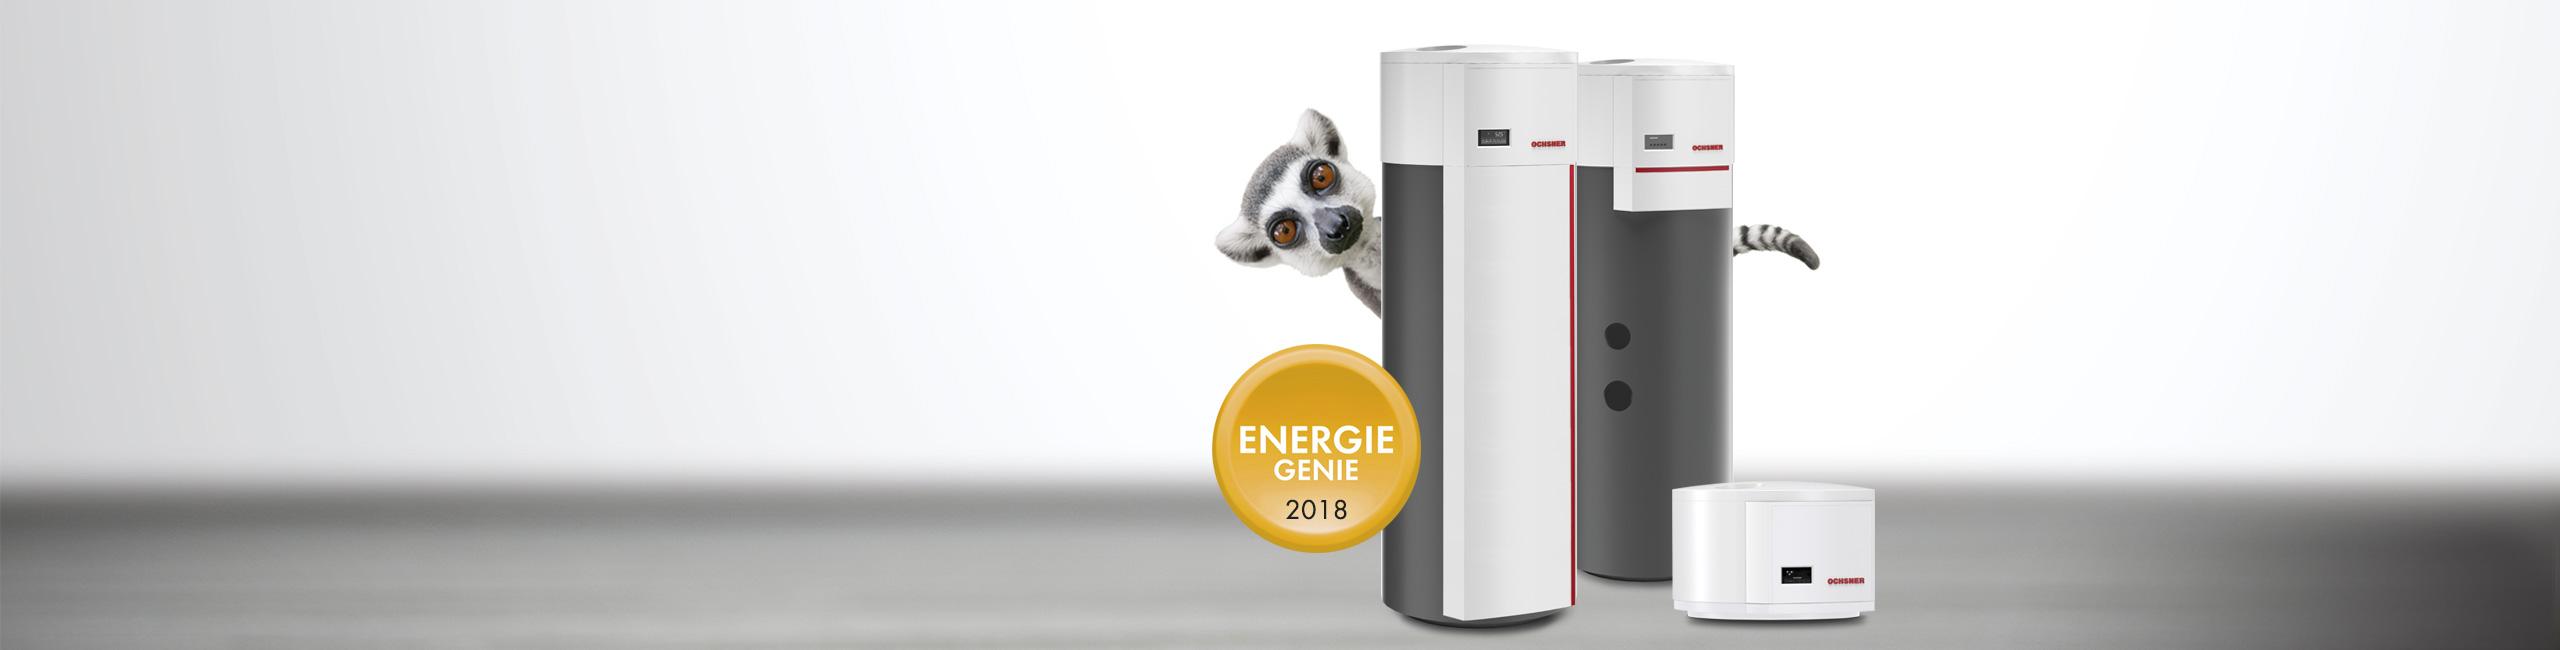 Wunderbar Heißwasser Direktsystem Ideen - Die Besten Elektrischen ...